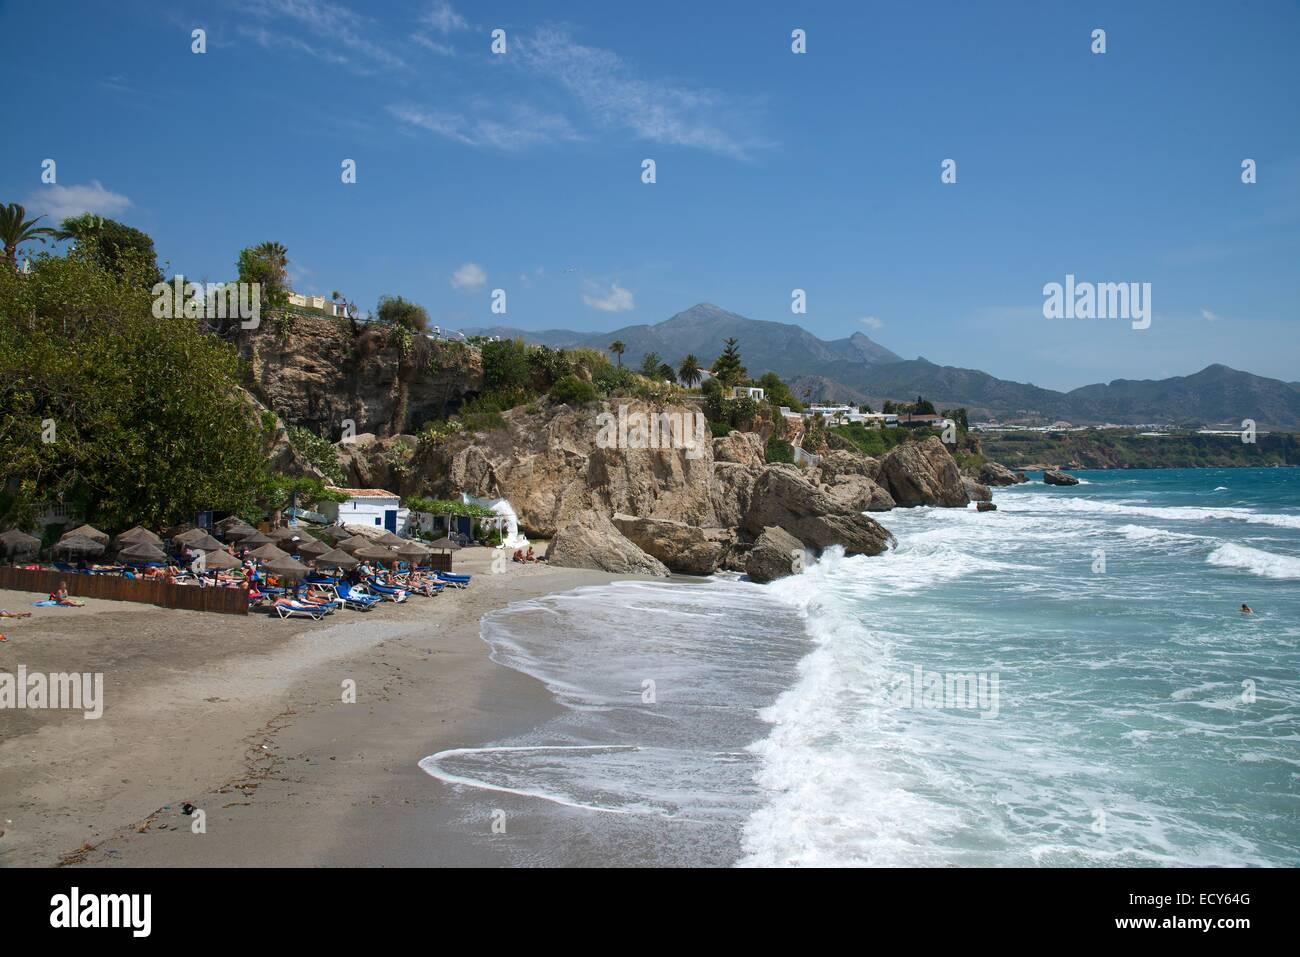 Beach Balcon de Europa, Nerja, Costa del Sol, Andalucia, Spain - Stock Image